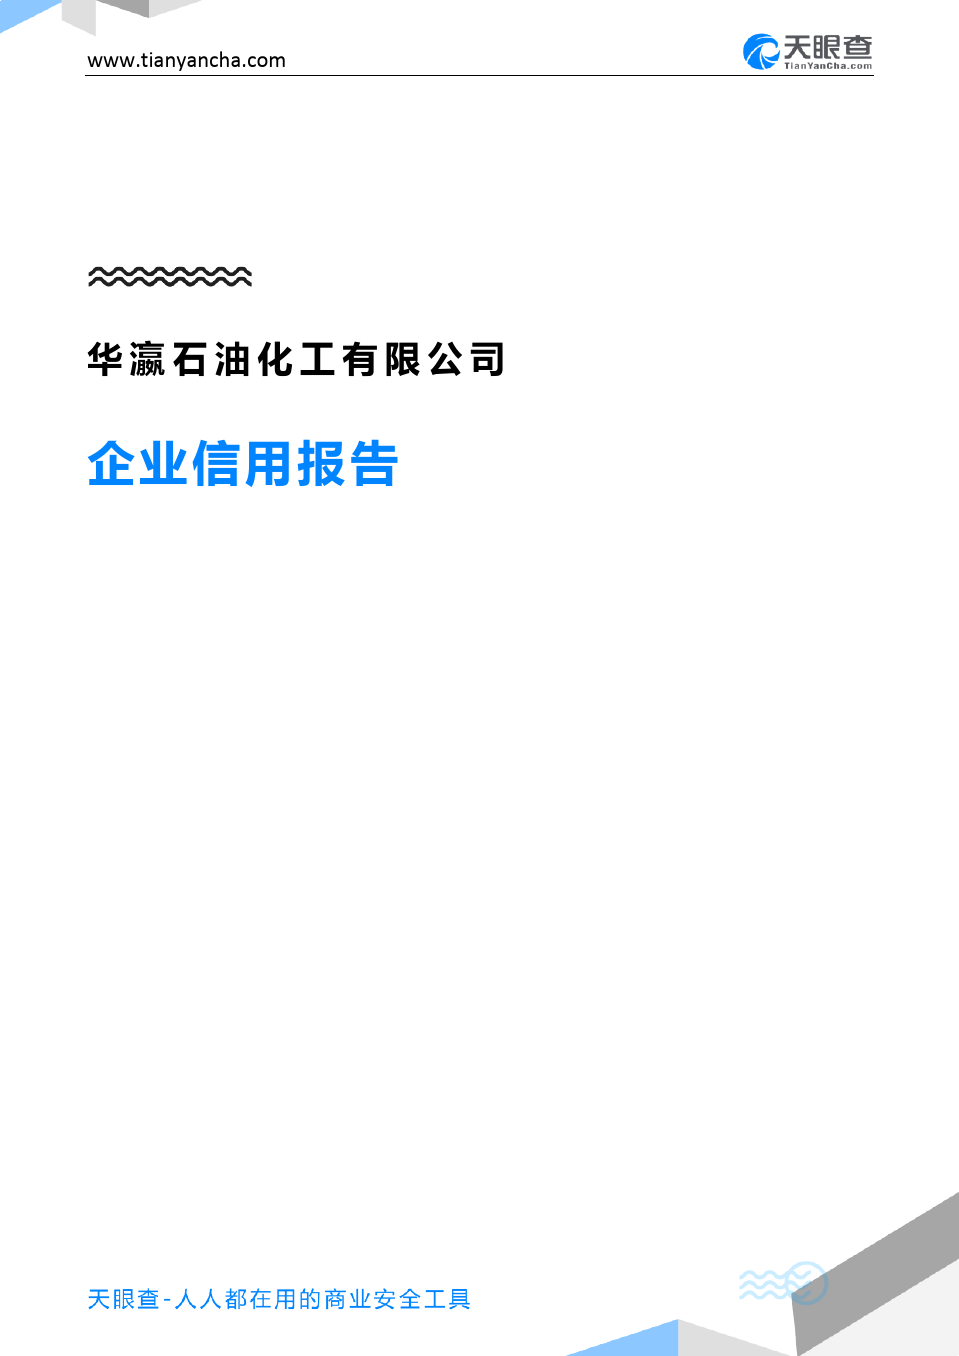 华瀛石油化工有限公司(企业信用报告)- 天眼查